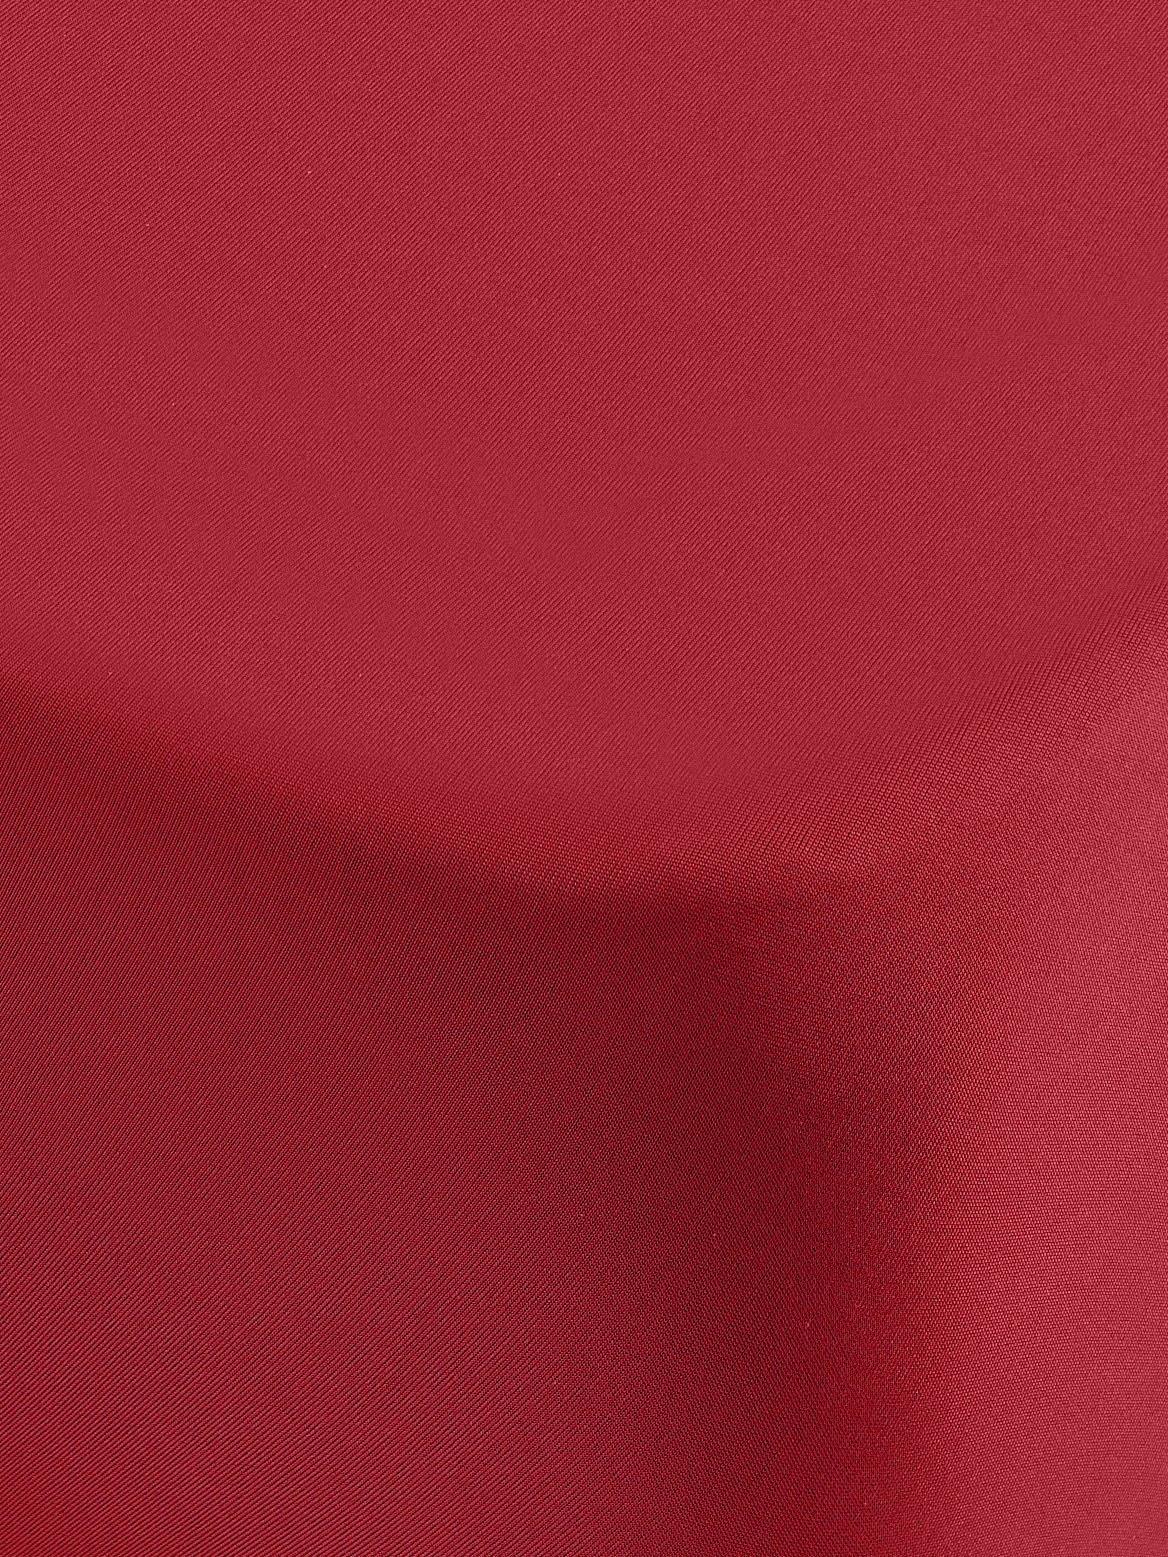 Op zoek naar een Formesse Hoeslaken? Koop online bij OTTO